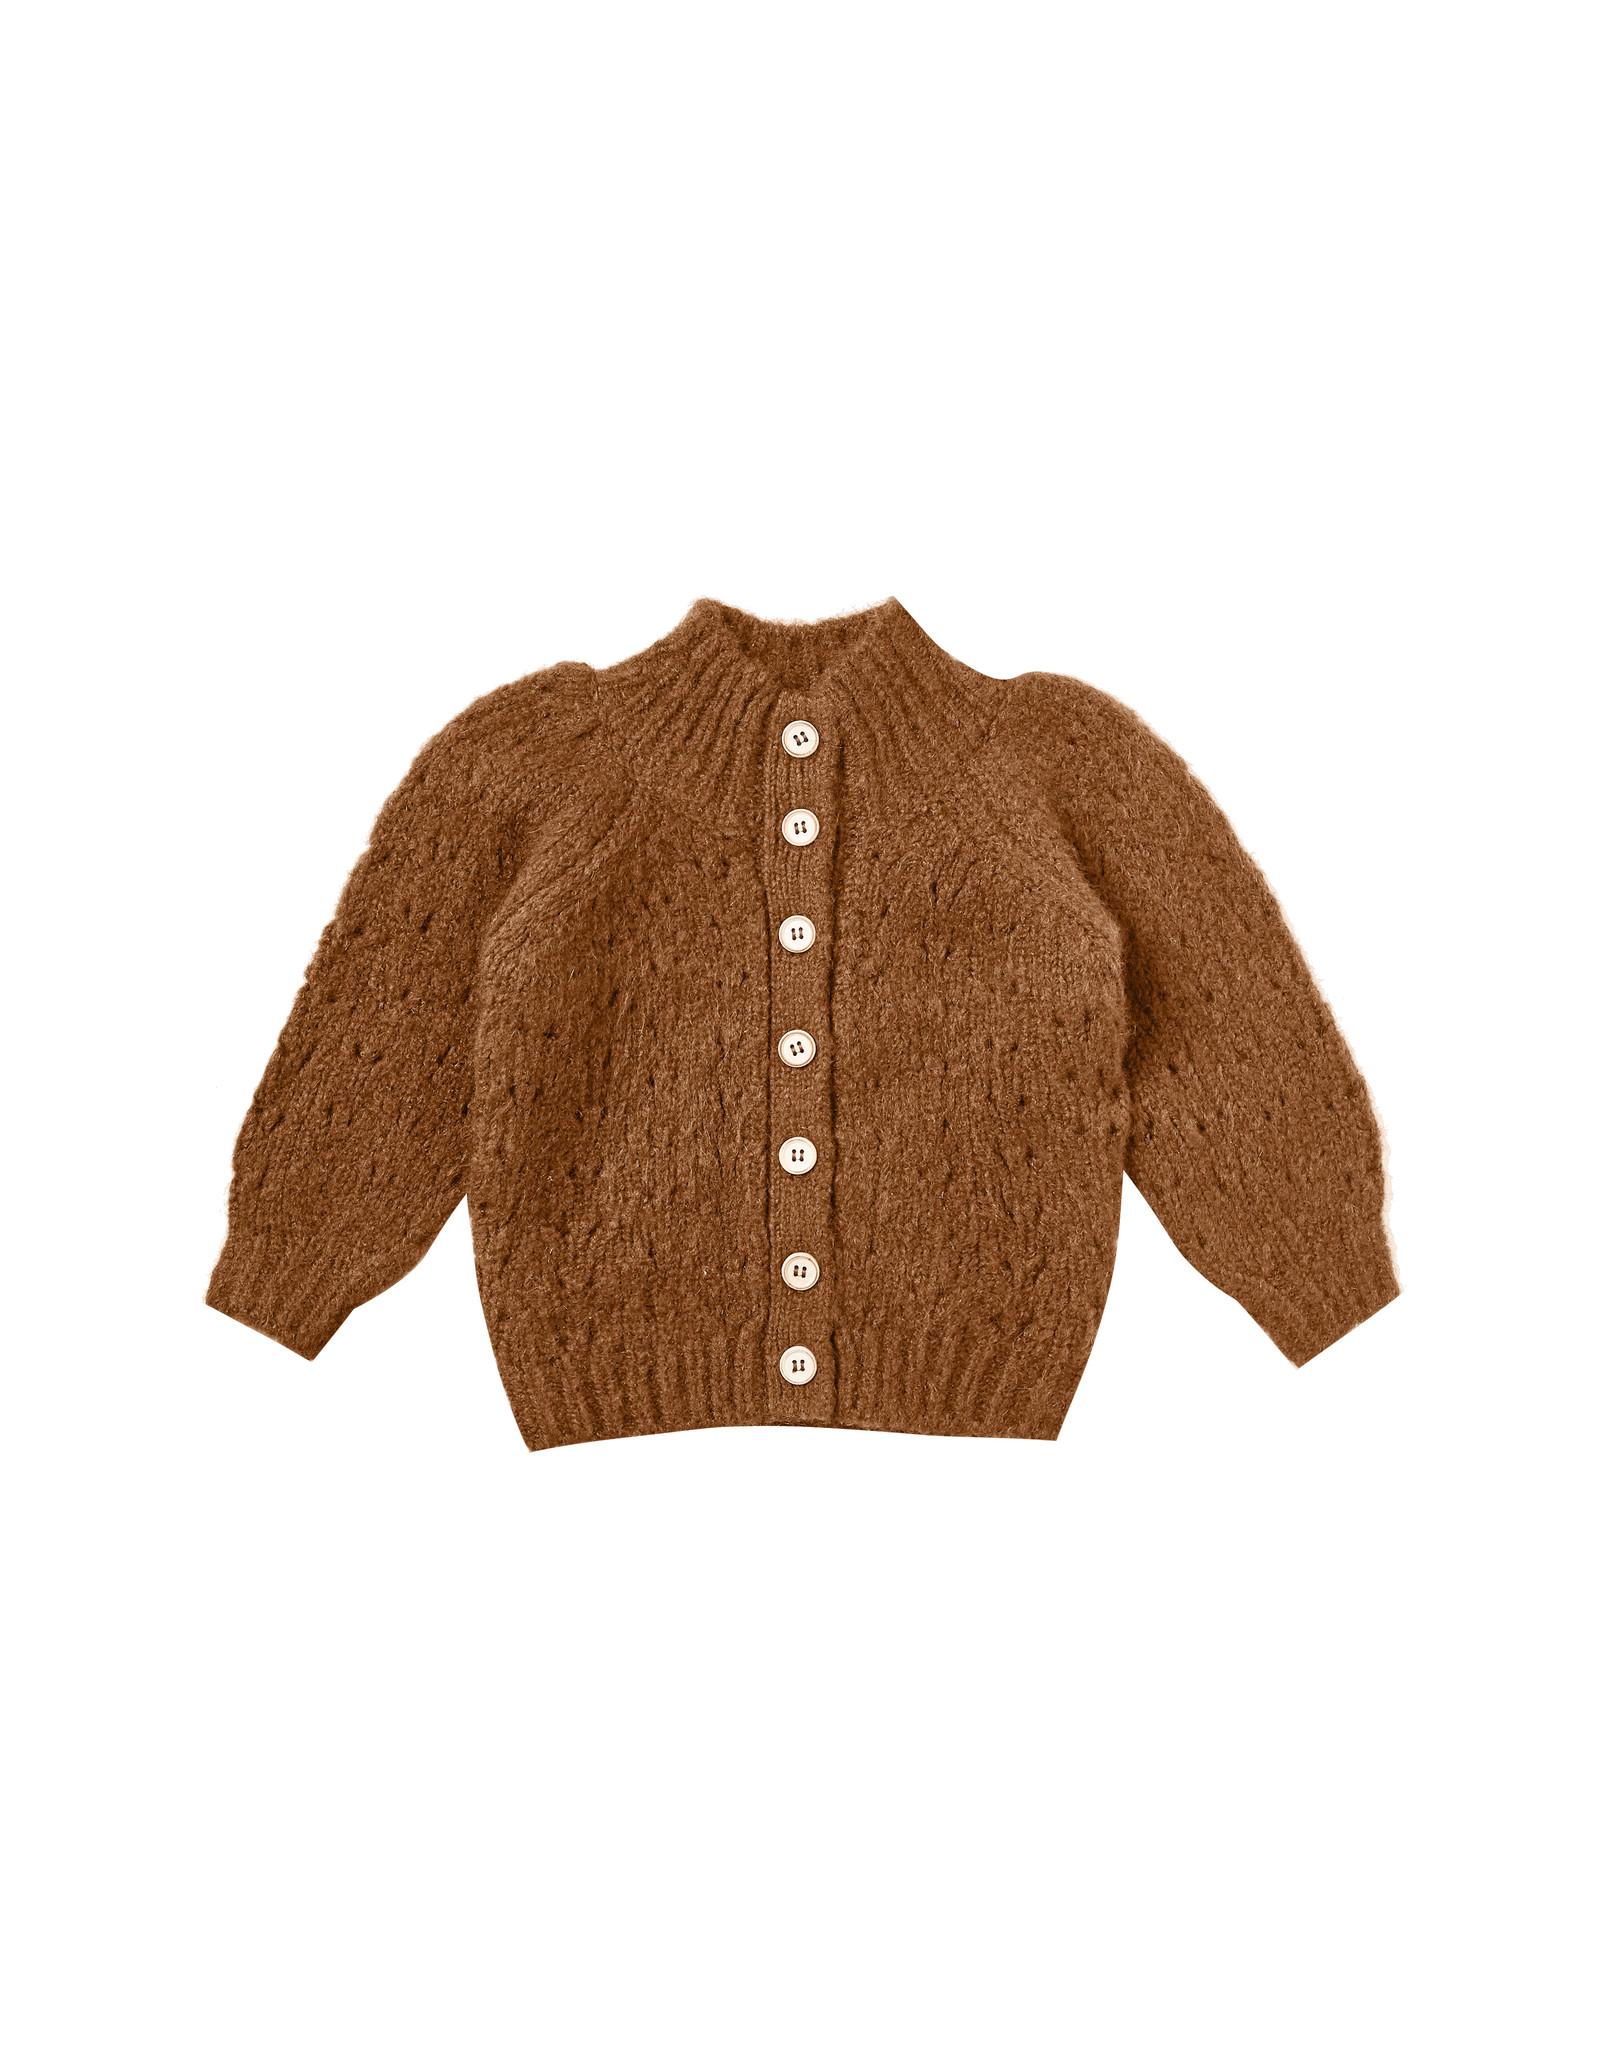 Rylee + Cru Tulip Sweater - Cinnamon